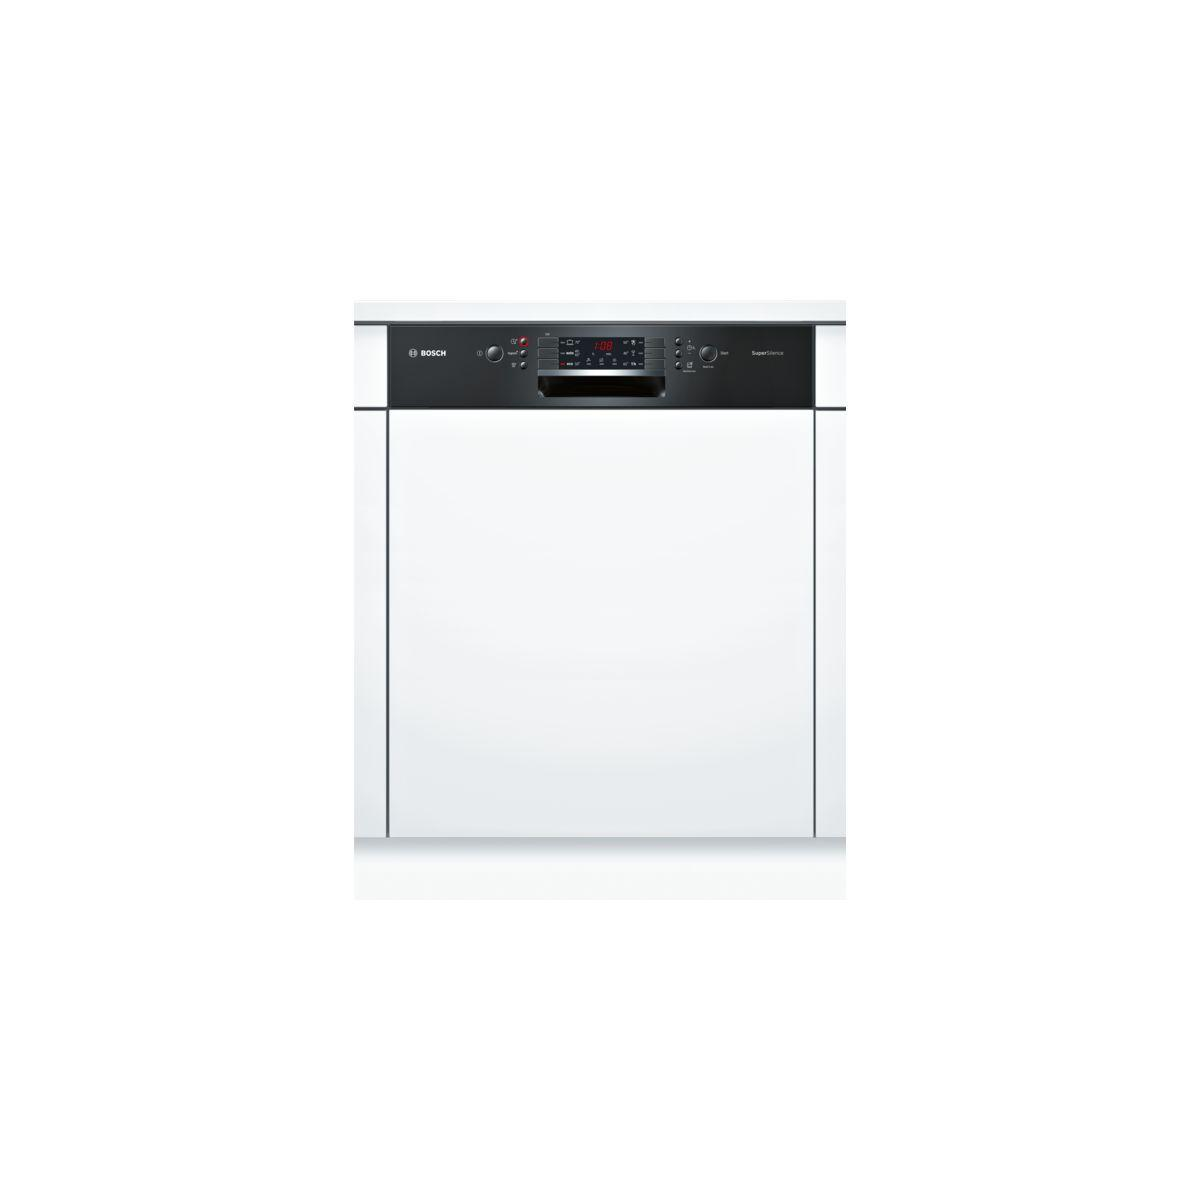 Lave vaisselle encastrable BOSCH SMI46AB04E